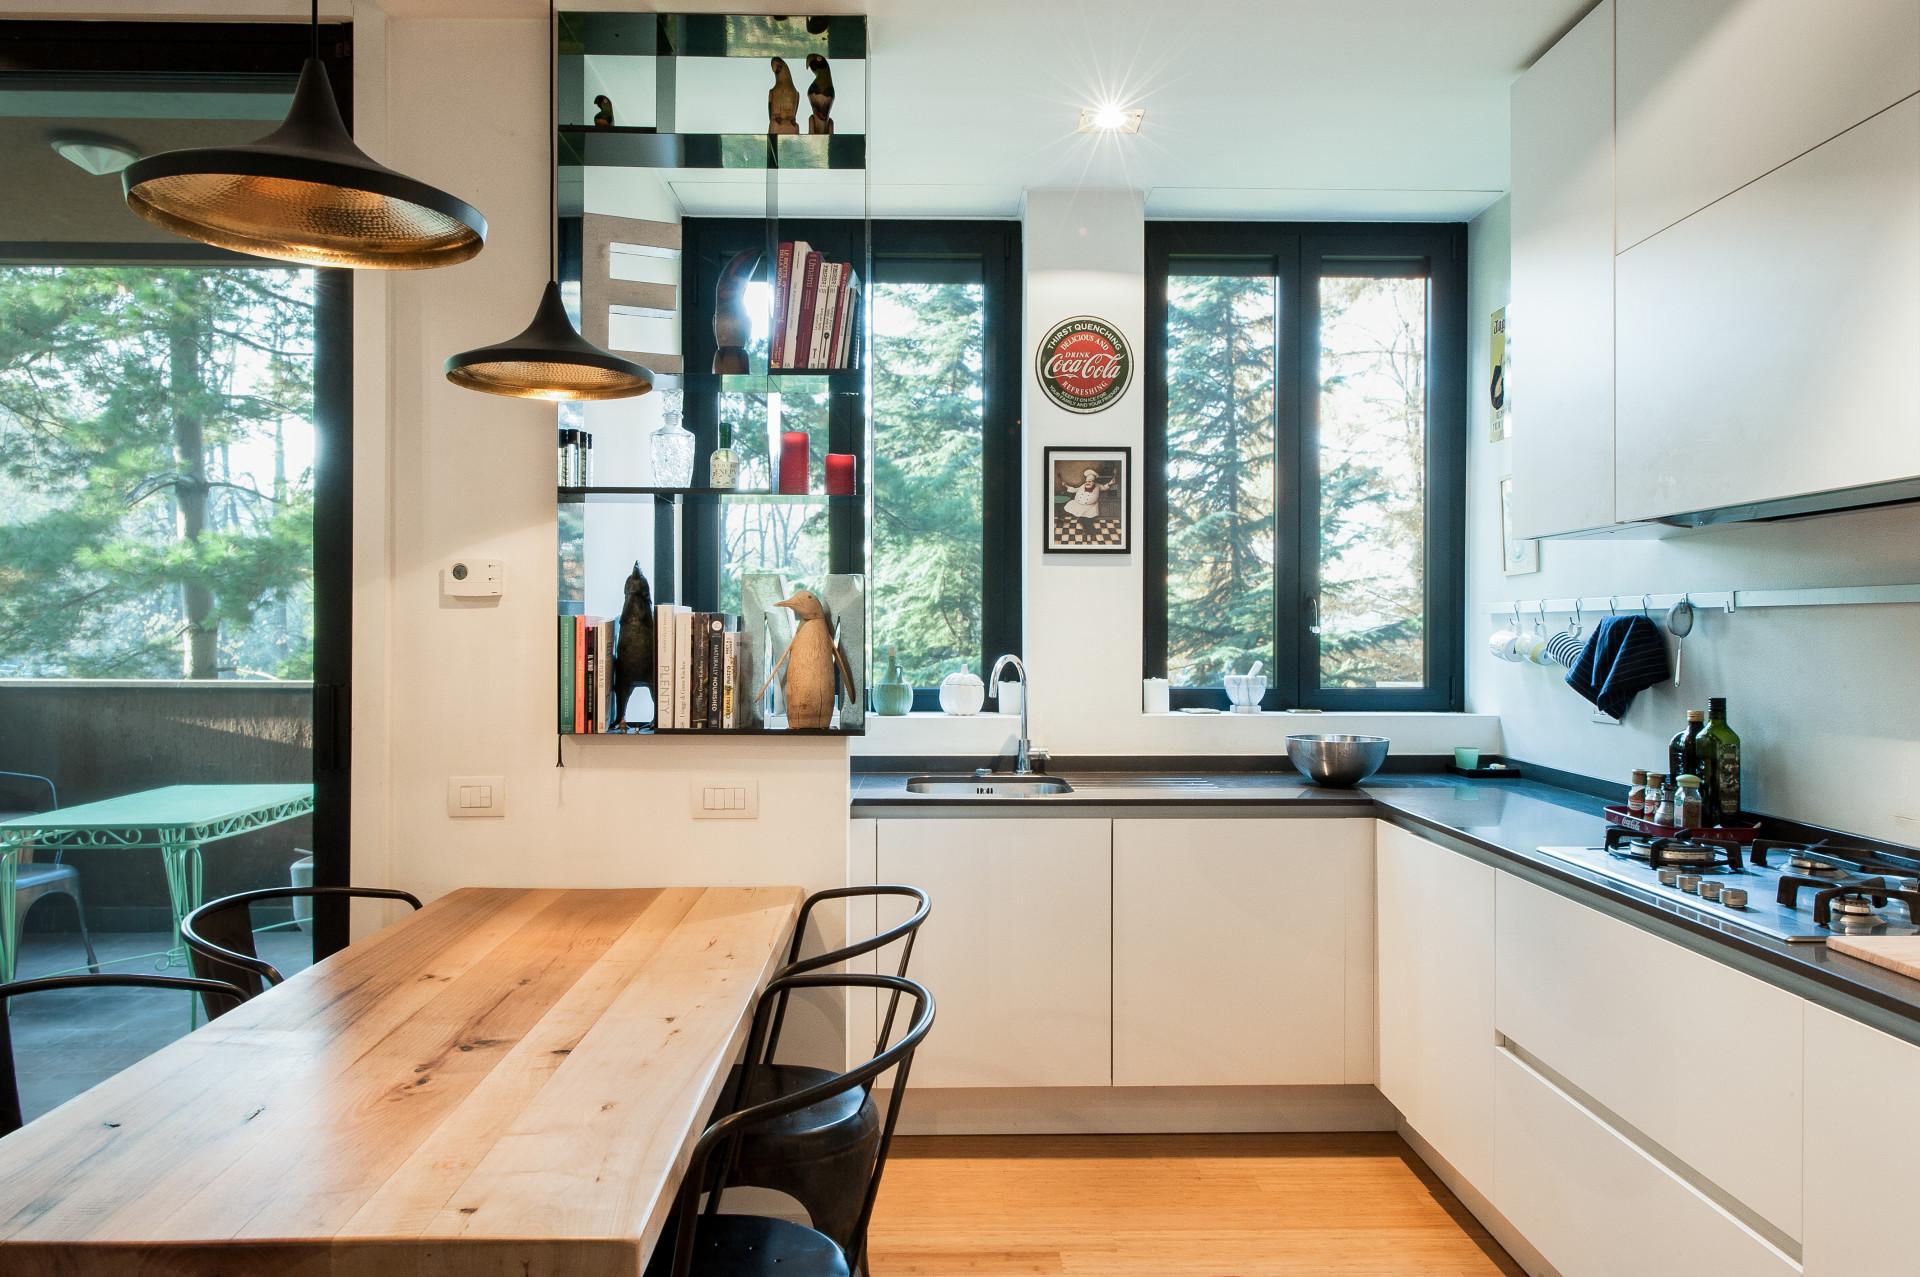 Wisp-A - TOCA - Kitchen